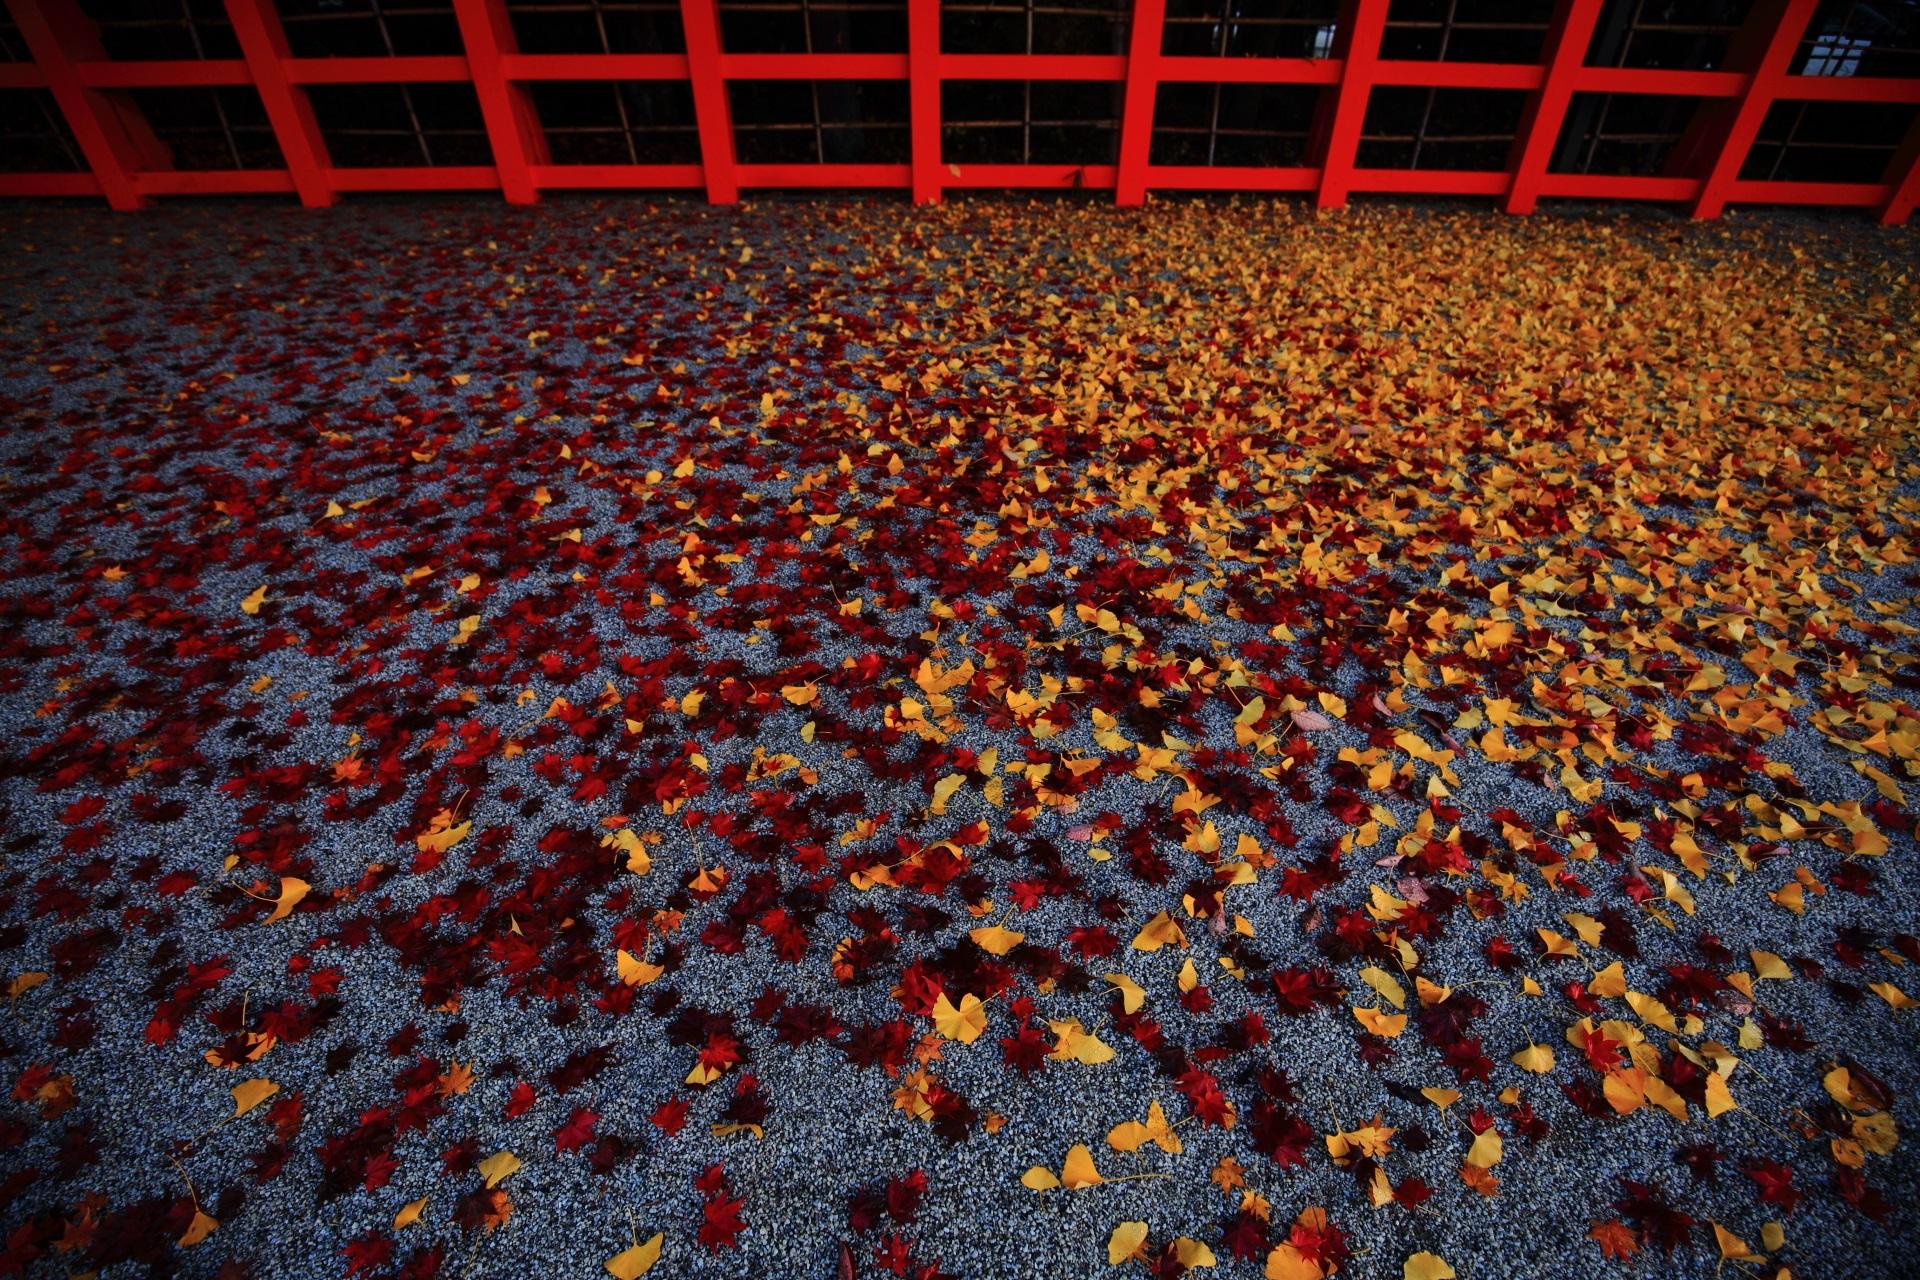 散り紅葉と散り銀杏の素晴らしい秋の贈り物